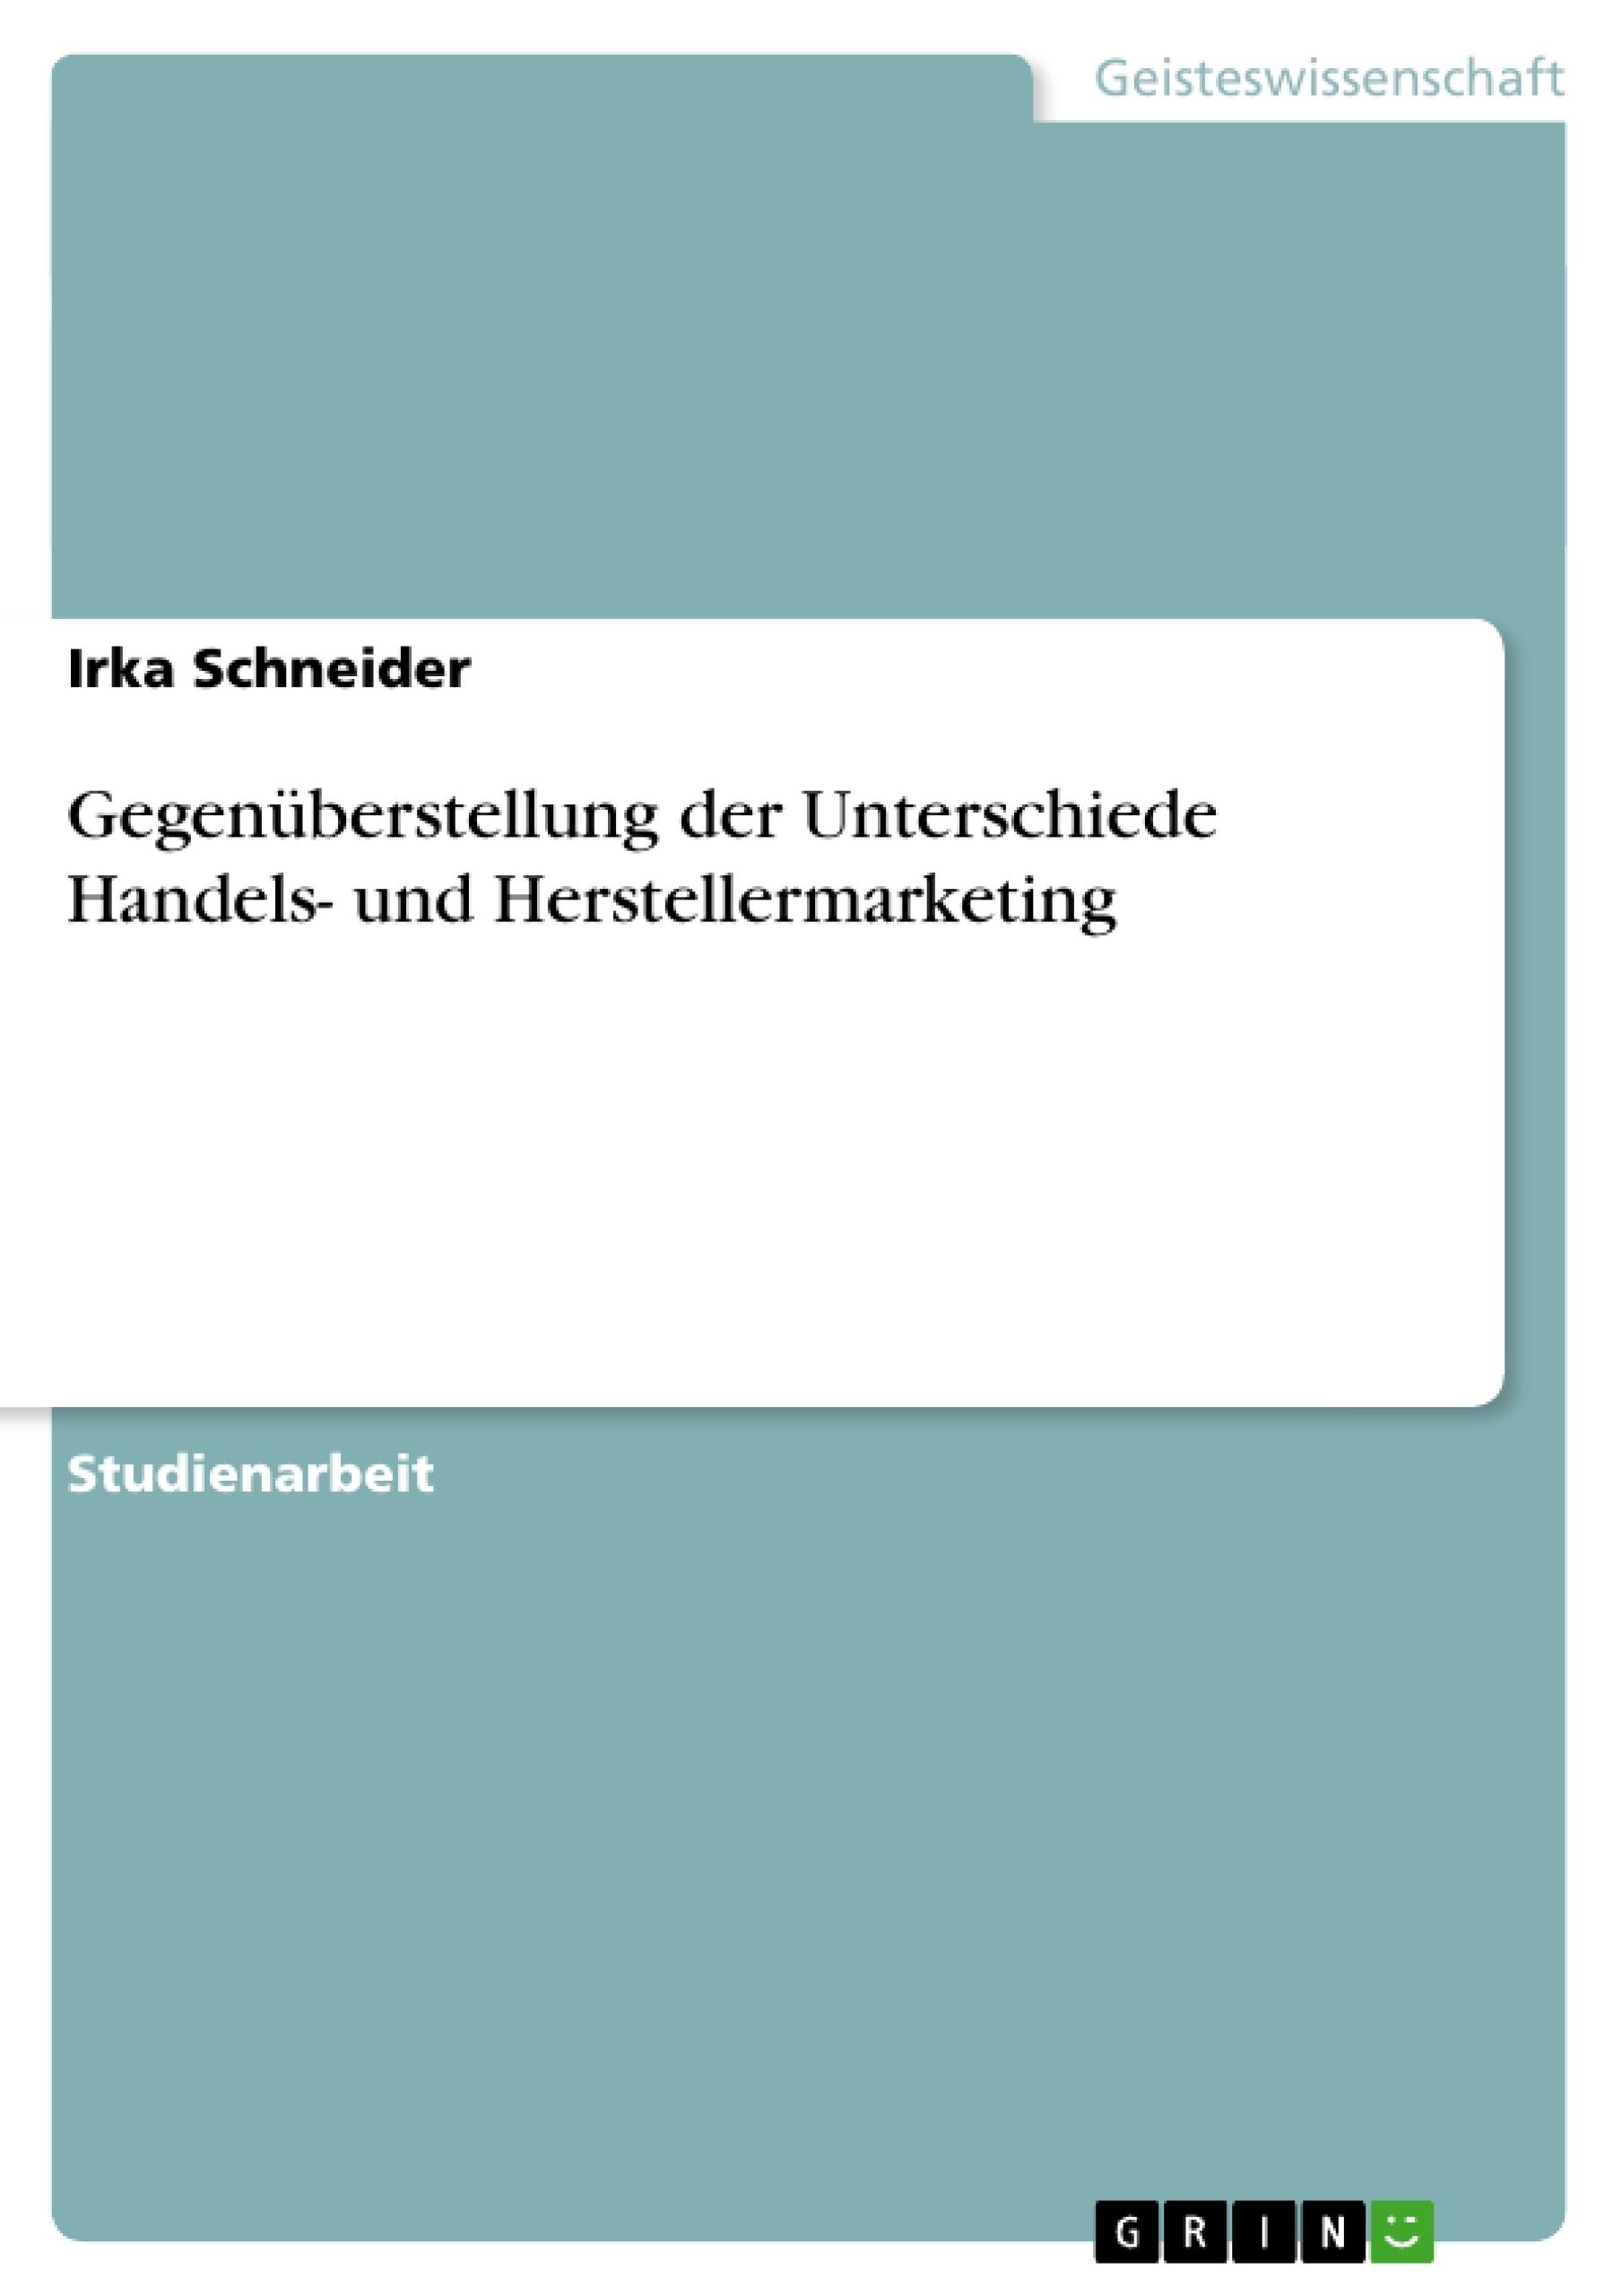 Titel: Gegenüberstellung der Unterschiede Handels- und Herstellermarketing